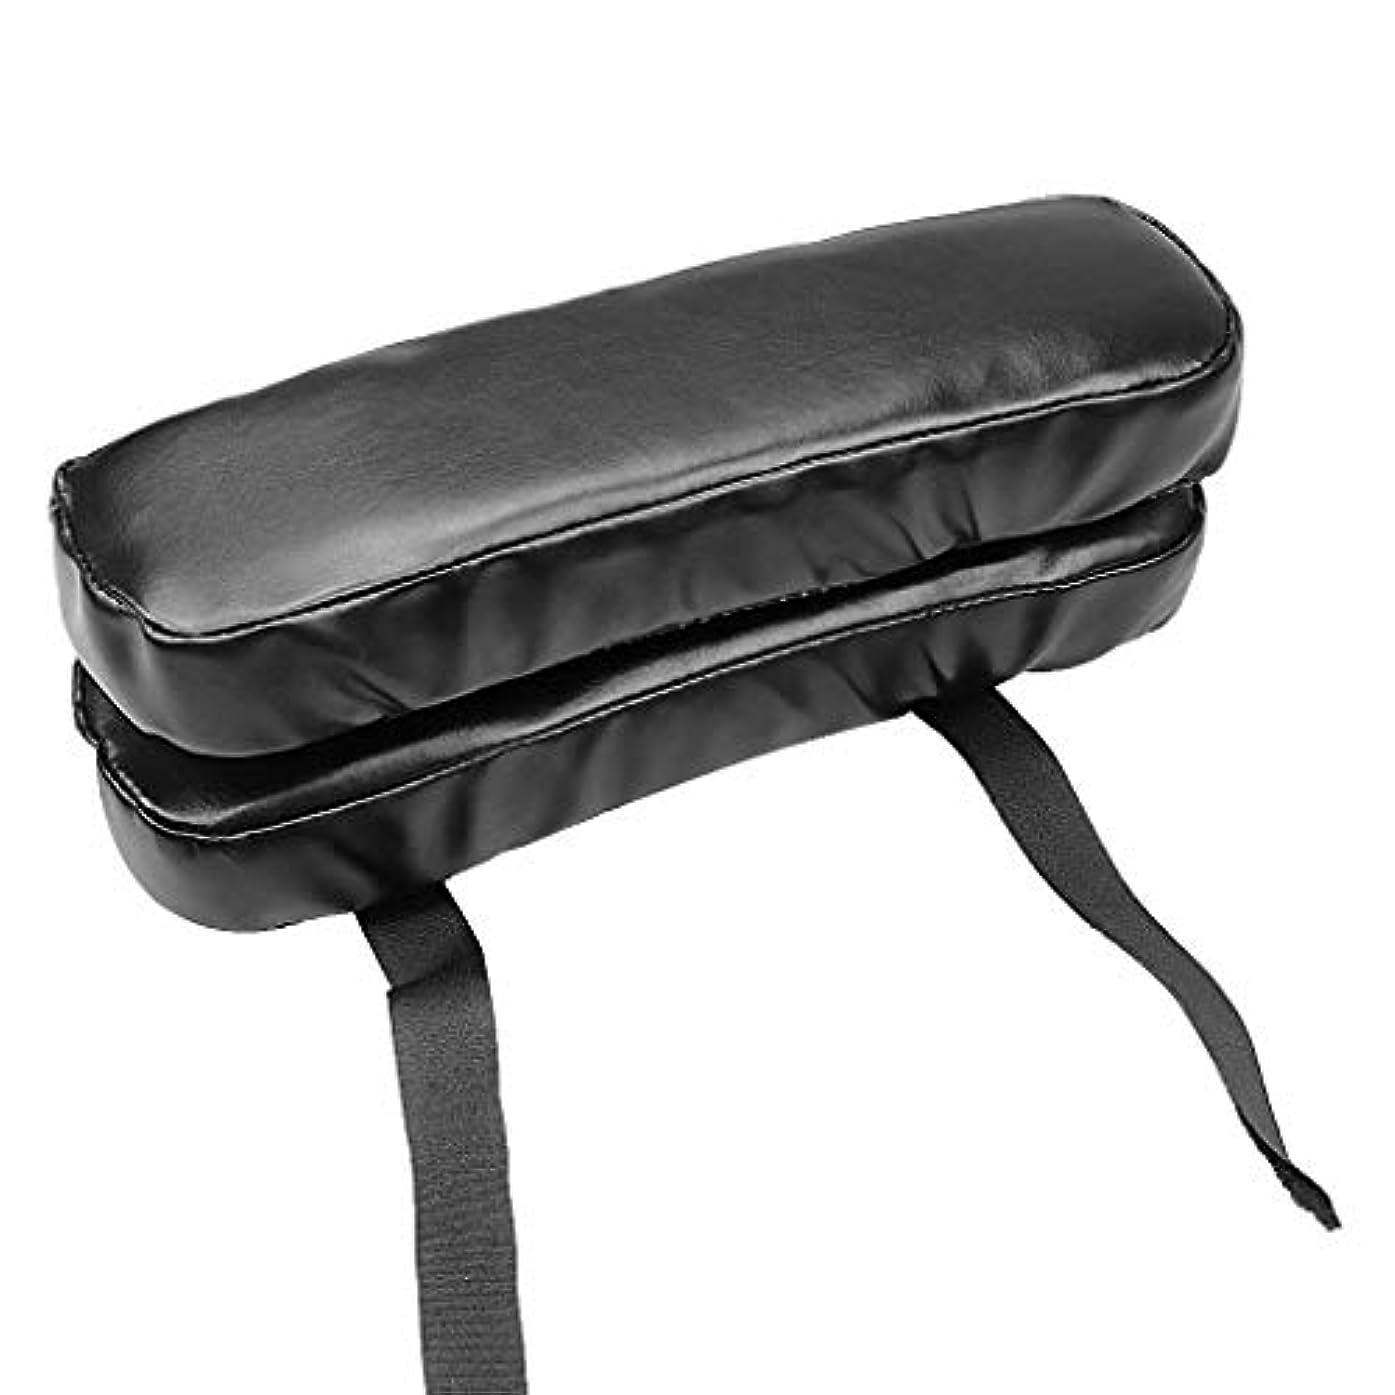 災難ダッシュフランクワースリーLamdoo puレザーチェアアームレストパッドクッション低反発ソフト反発肘肘枕オフィス車の椅子